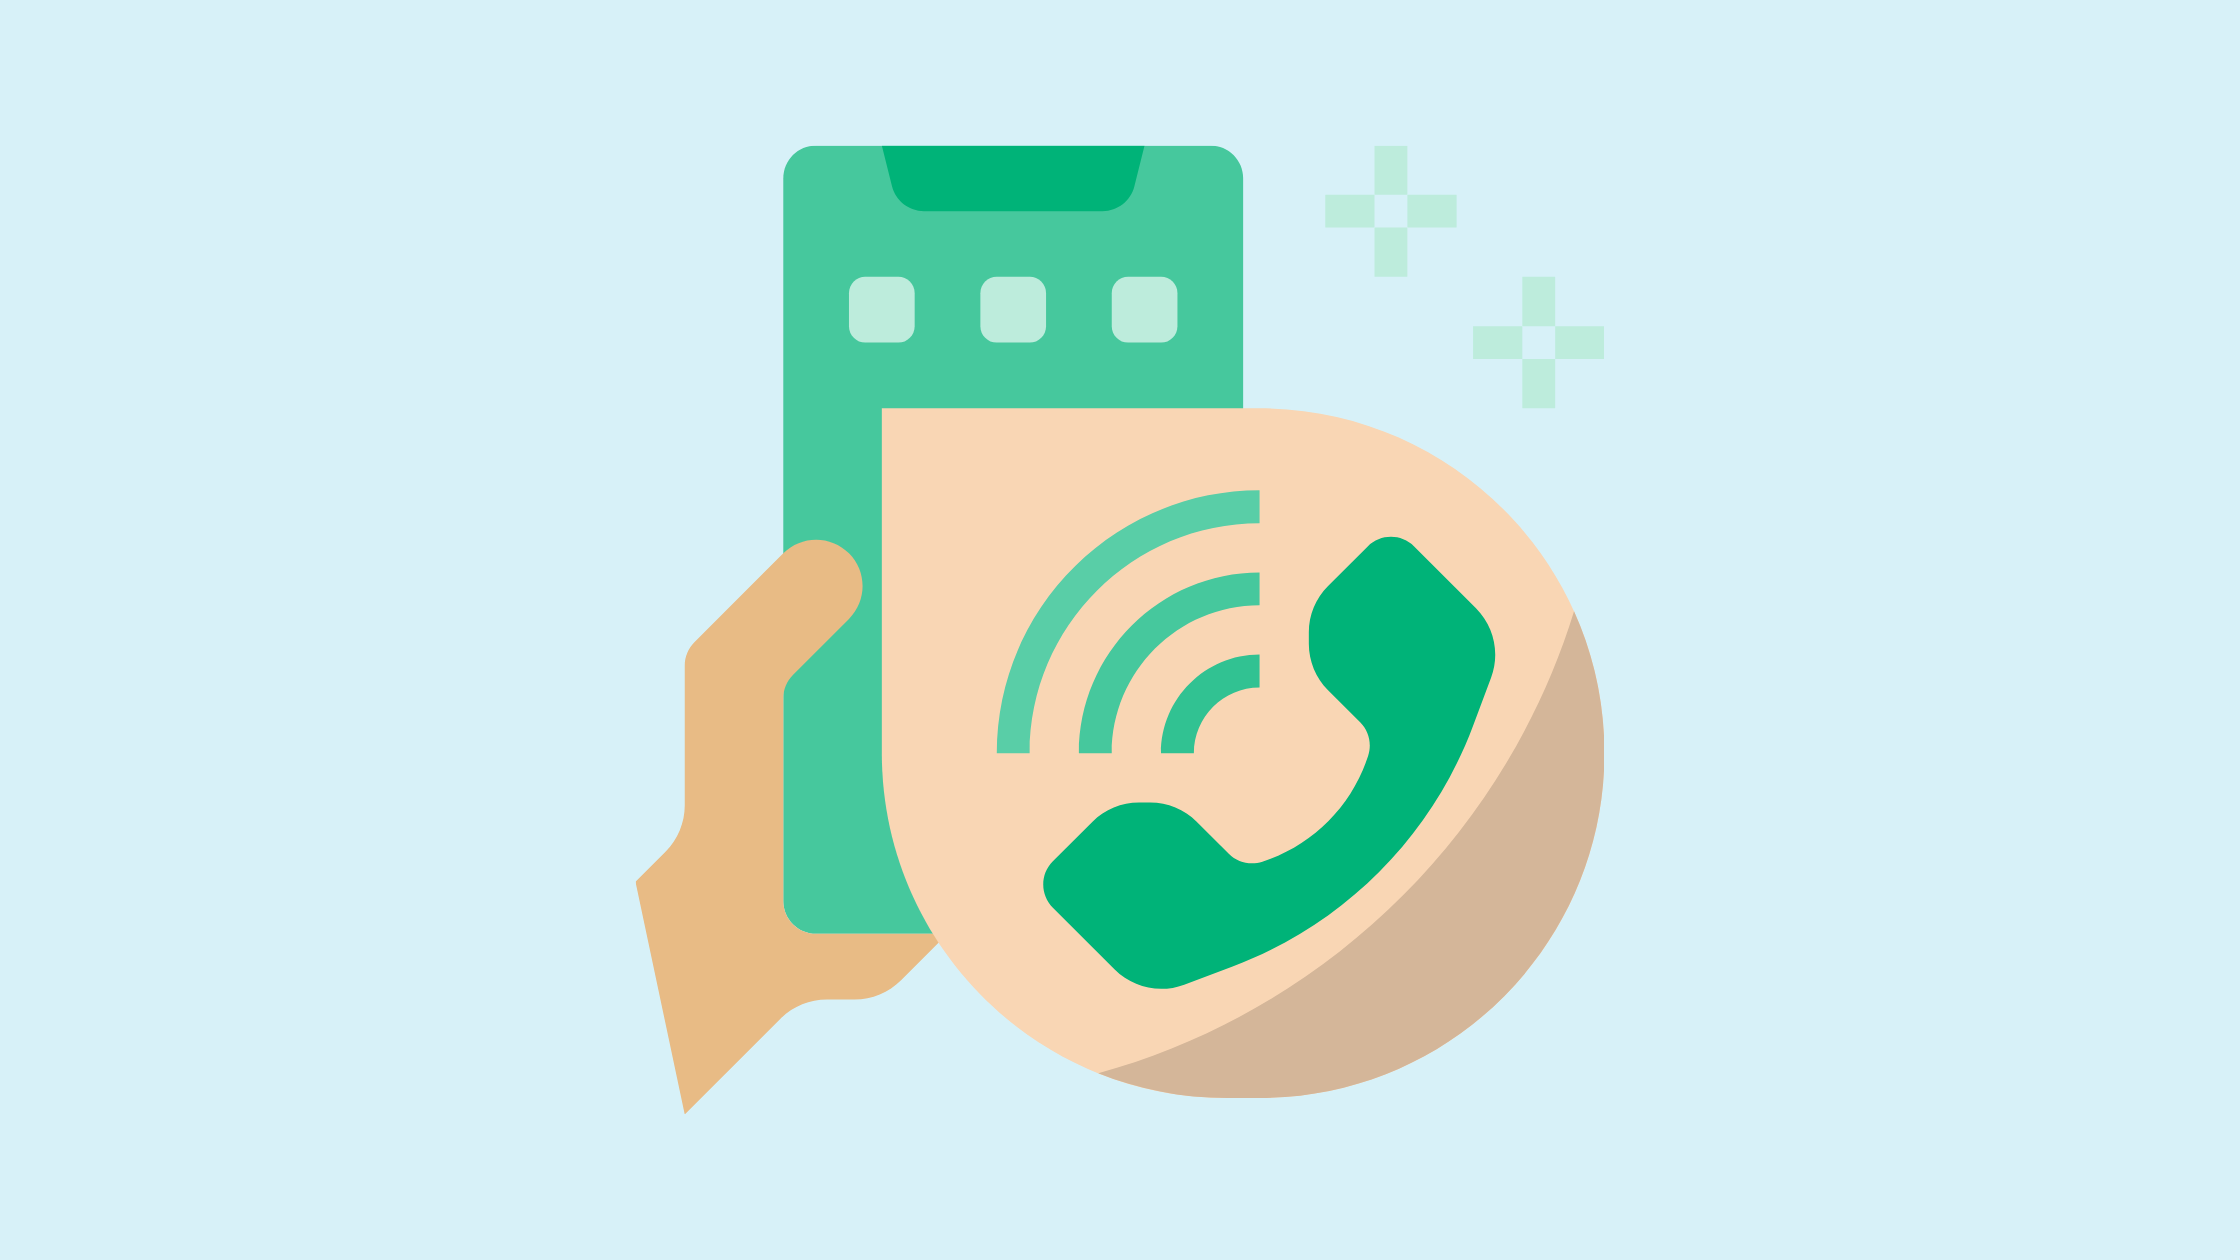 Las llamadas automatizadas son una estrategia de contacto telefonico util para ofrecer nuevos productos, promociones o recopilar feedback de los clientes